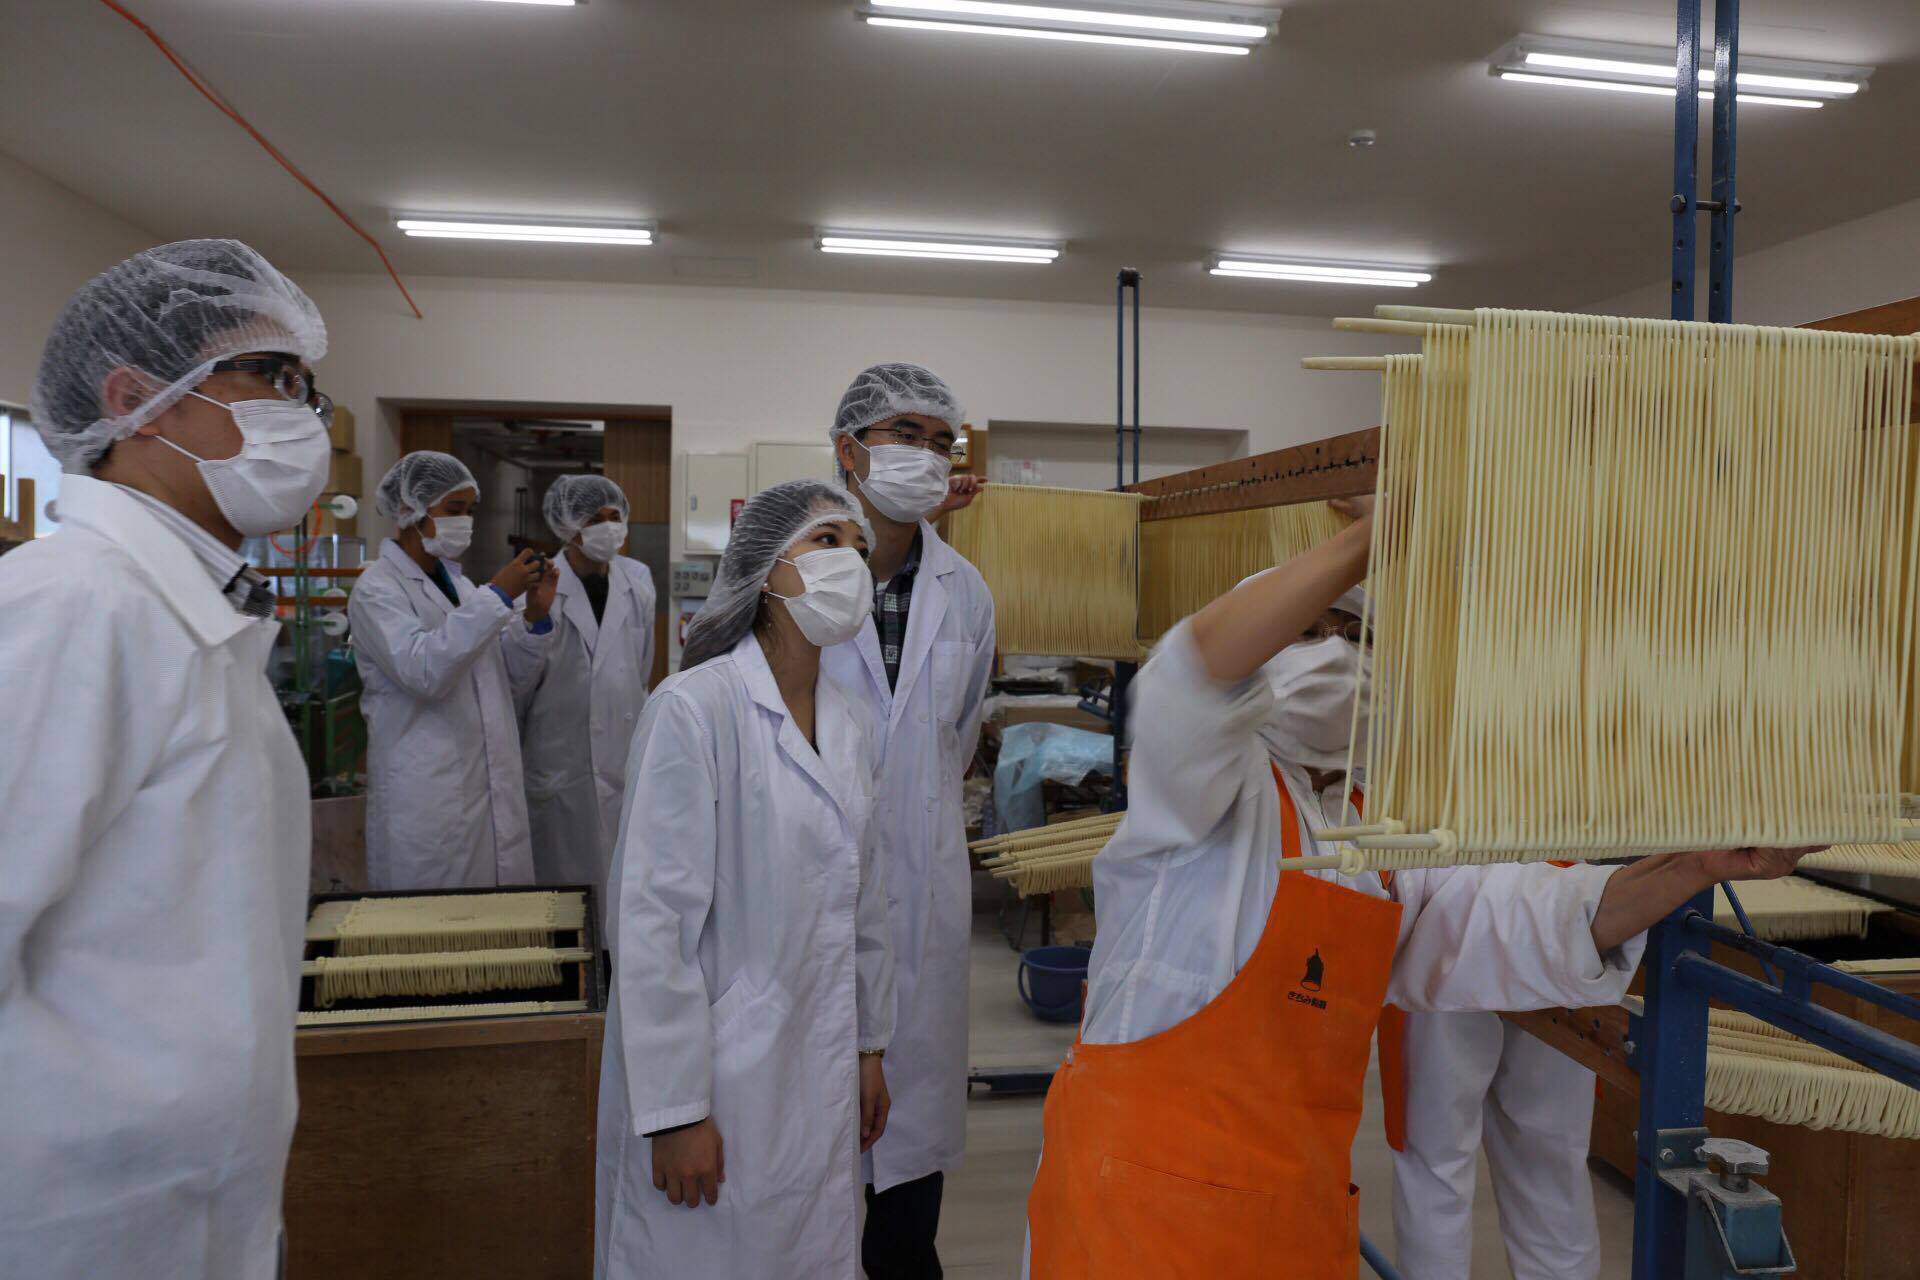 Kichimi Noodles